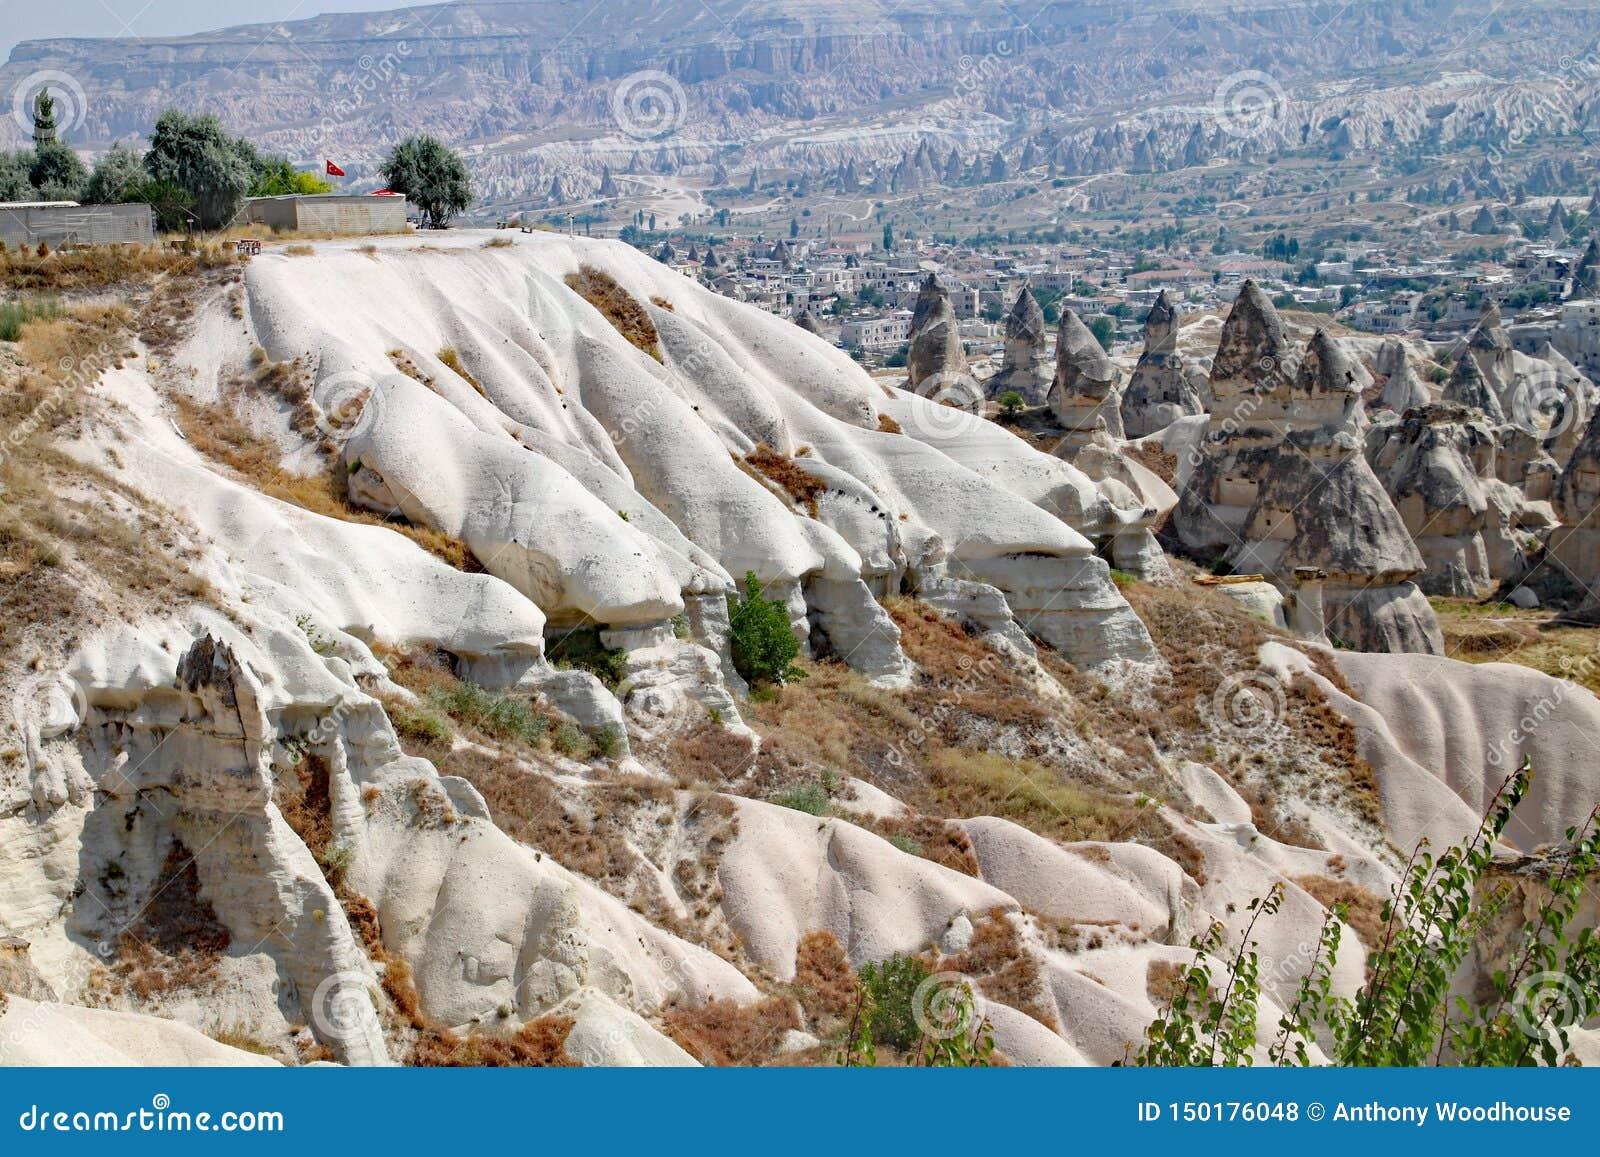 La luna como el paisaje de las formaciones de roca en el parque nacional de Goreme en Cappadocia en Turquía